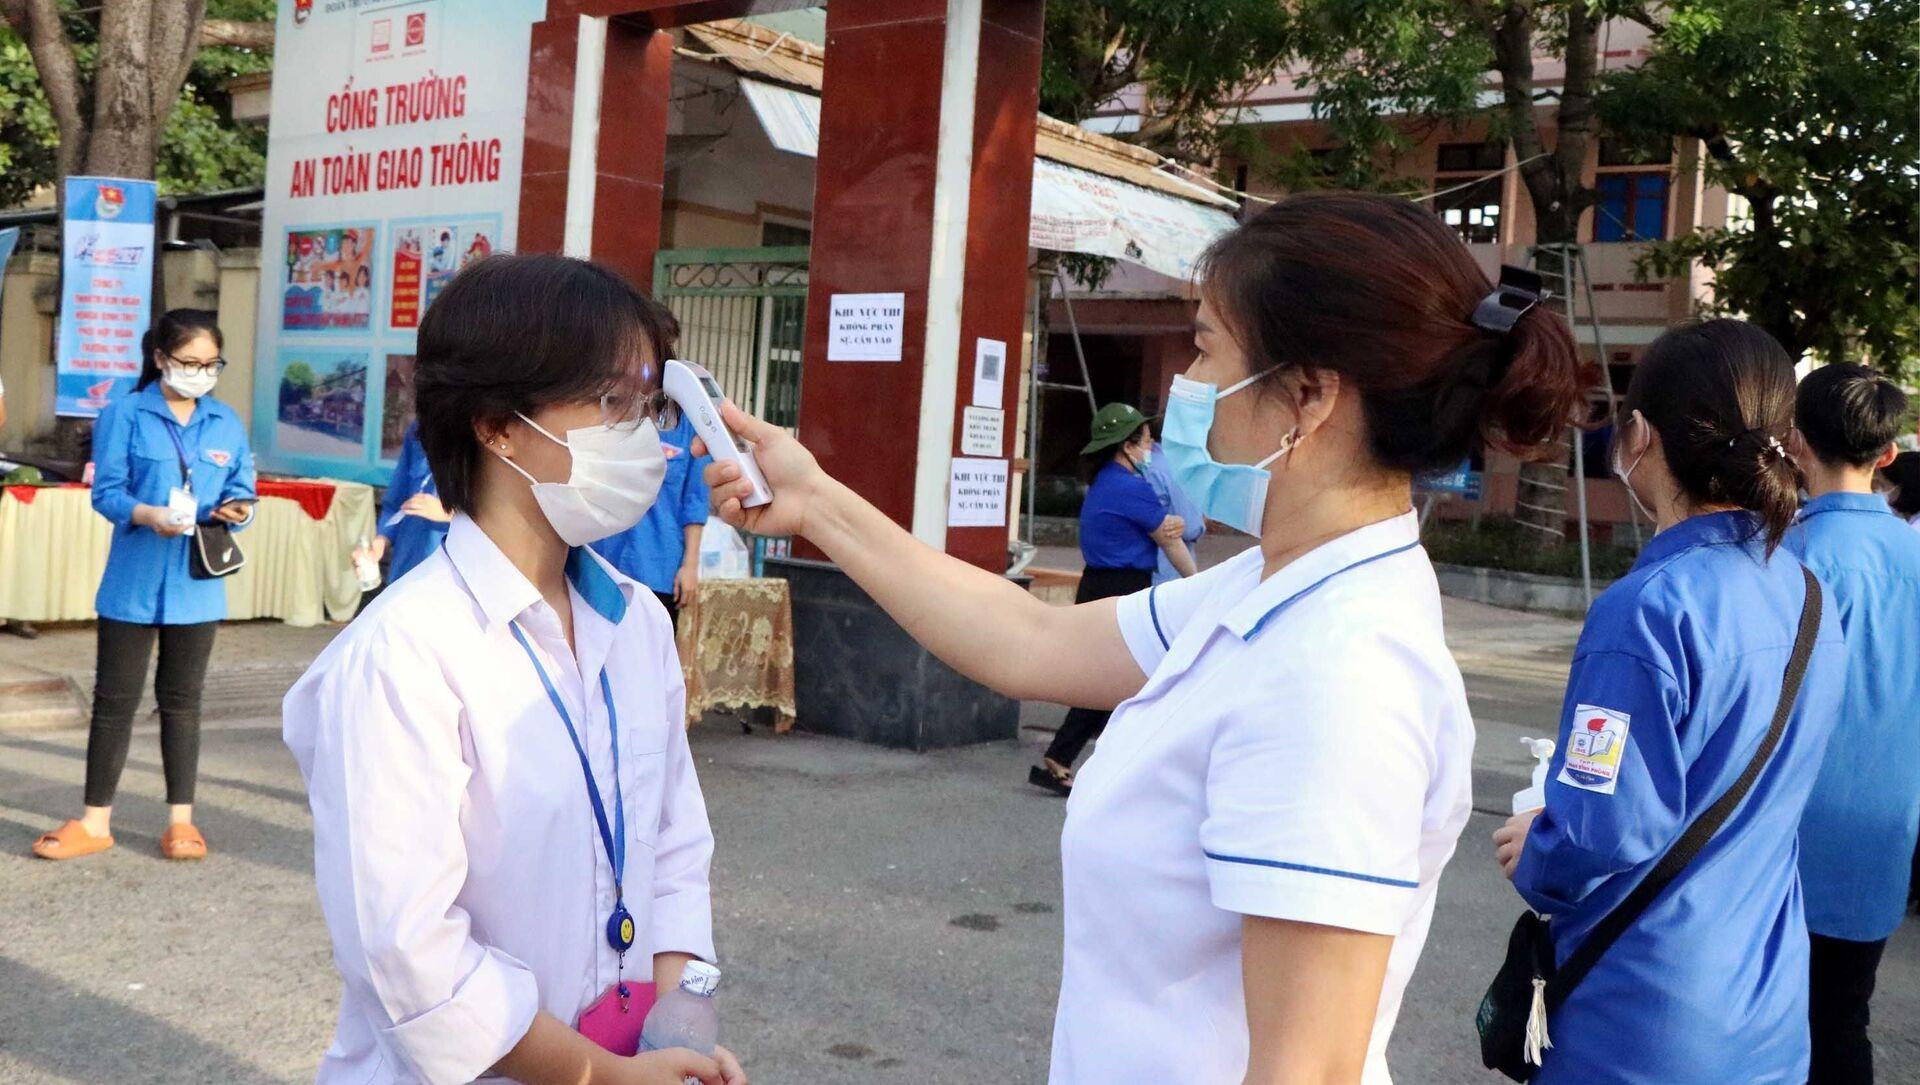 Hà Tĩnh: Kỳ thi lên lớp 10 đảm bảo an toàn trước dịch, bệnh COVID-19 - Sputnik Việt Nam, 1920, 06.06.2021